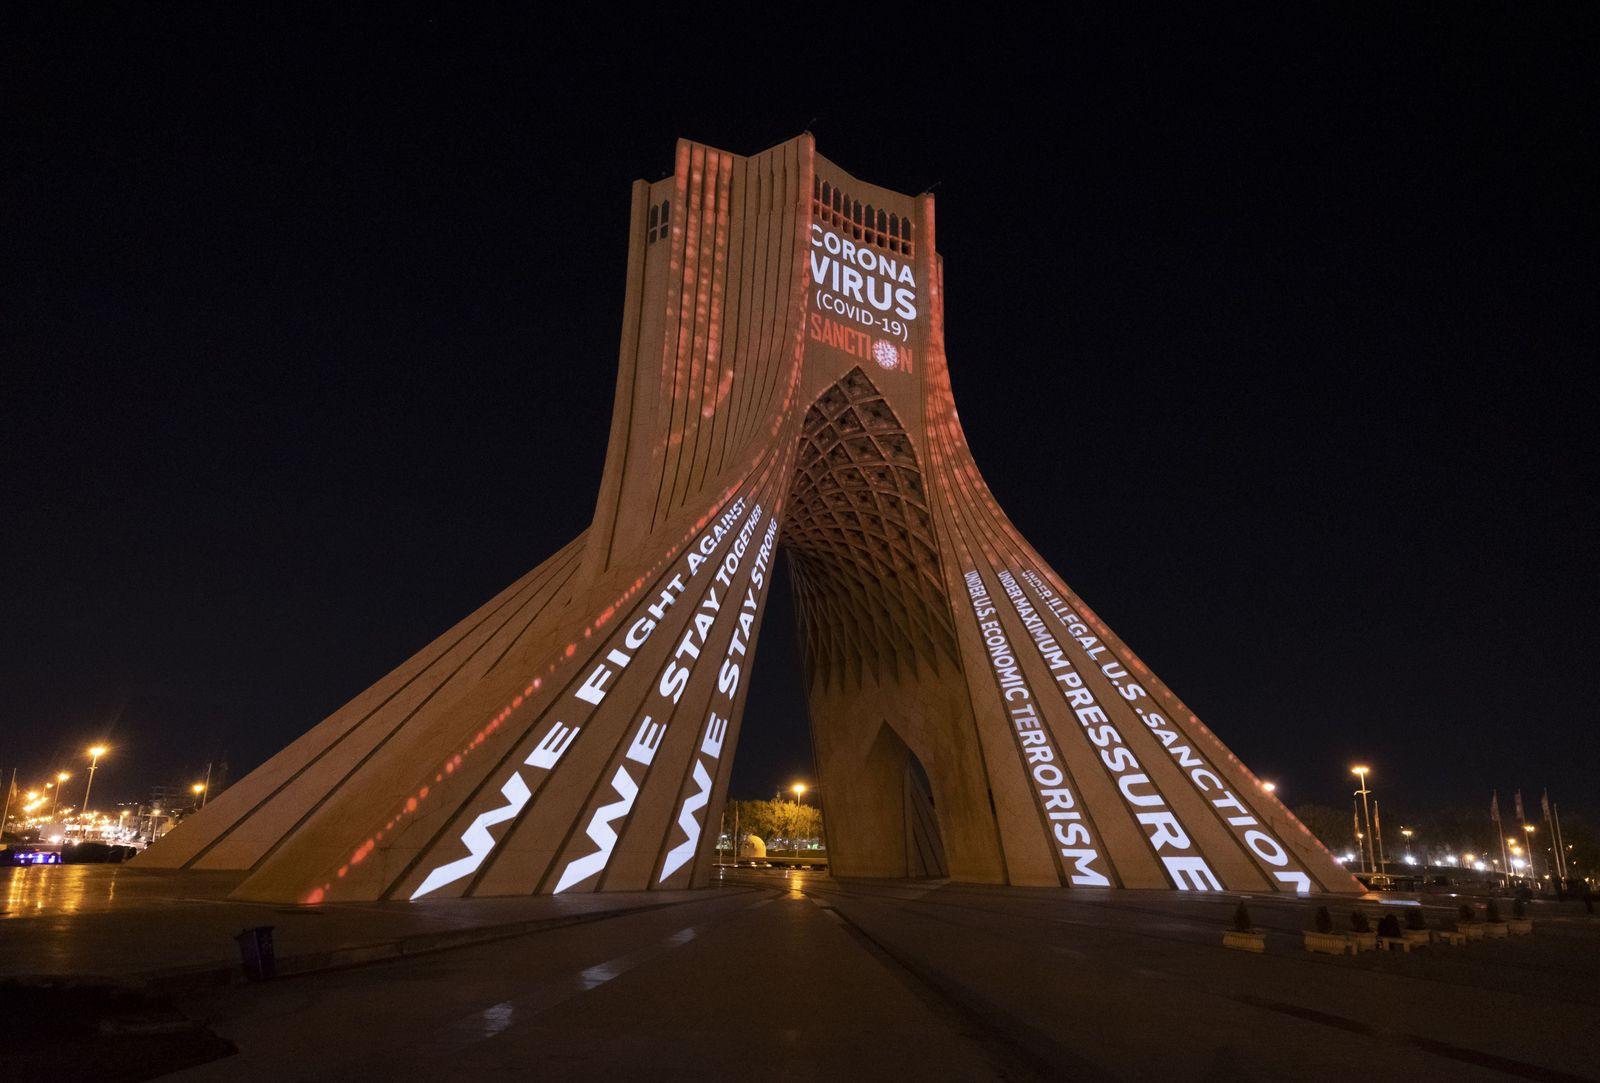 Iran-Tehran-Covid19-Video mappinng